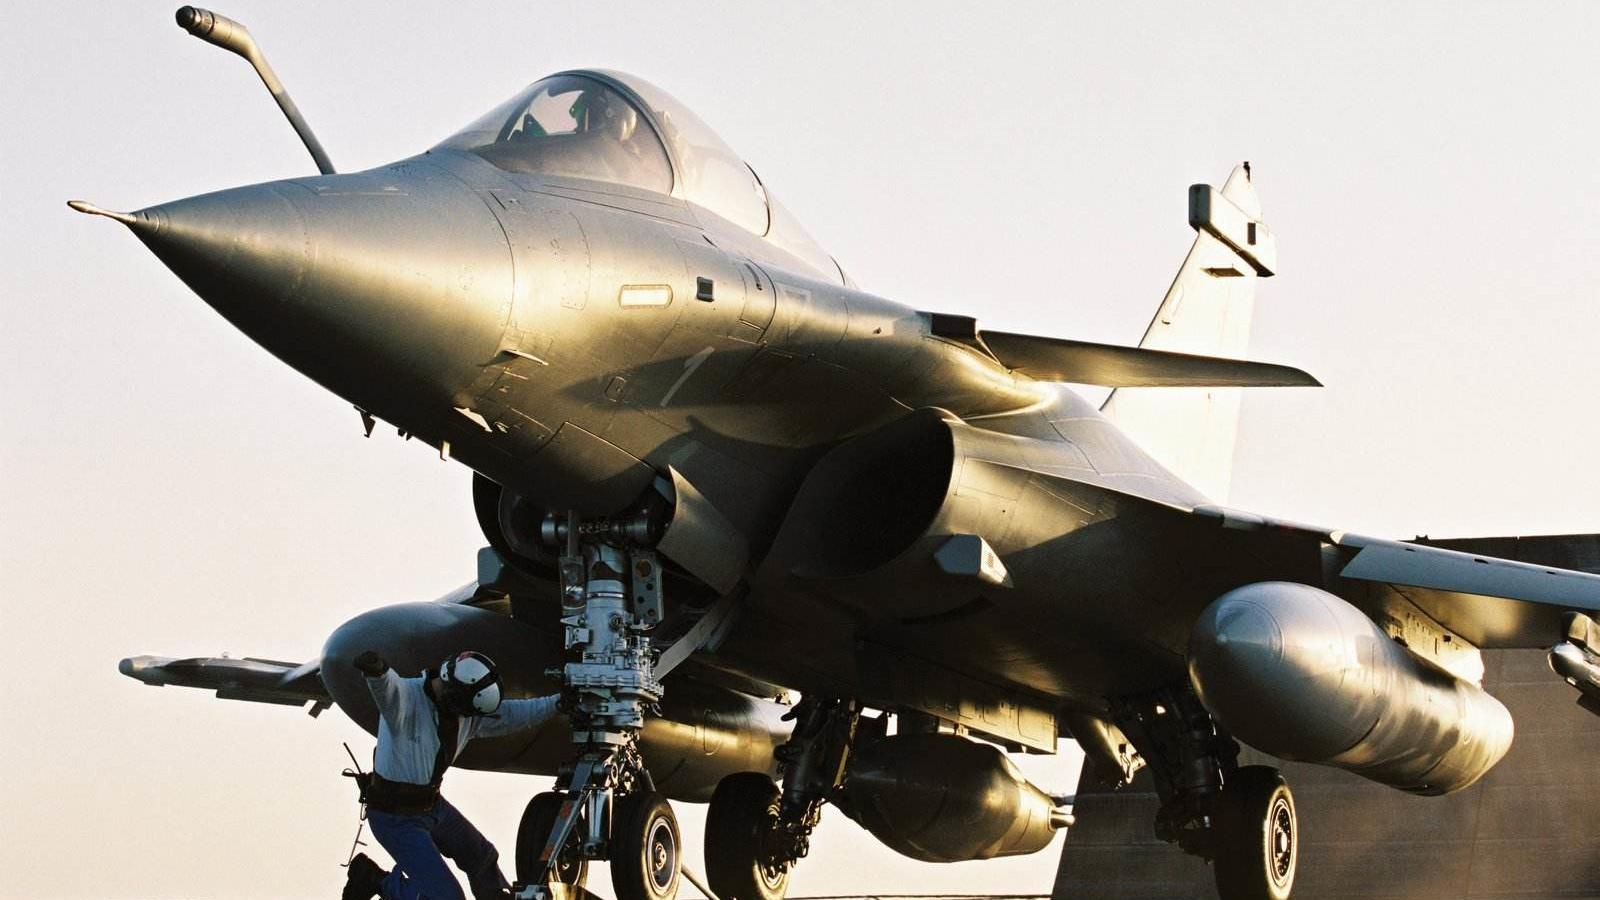 阵风战斗机弹射起飞,而后超低空掠海飞行,真正的上帝视角!